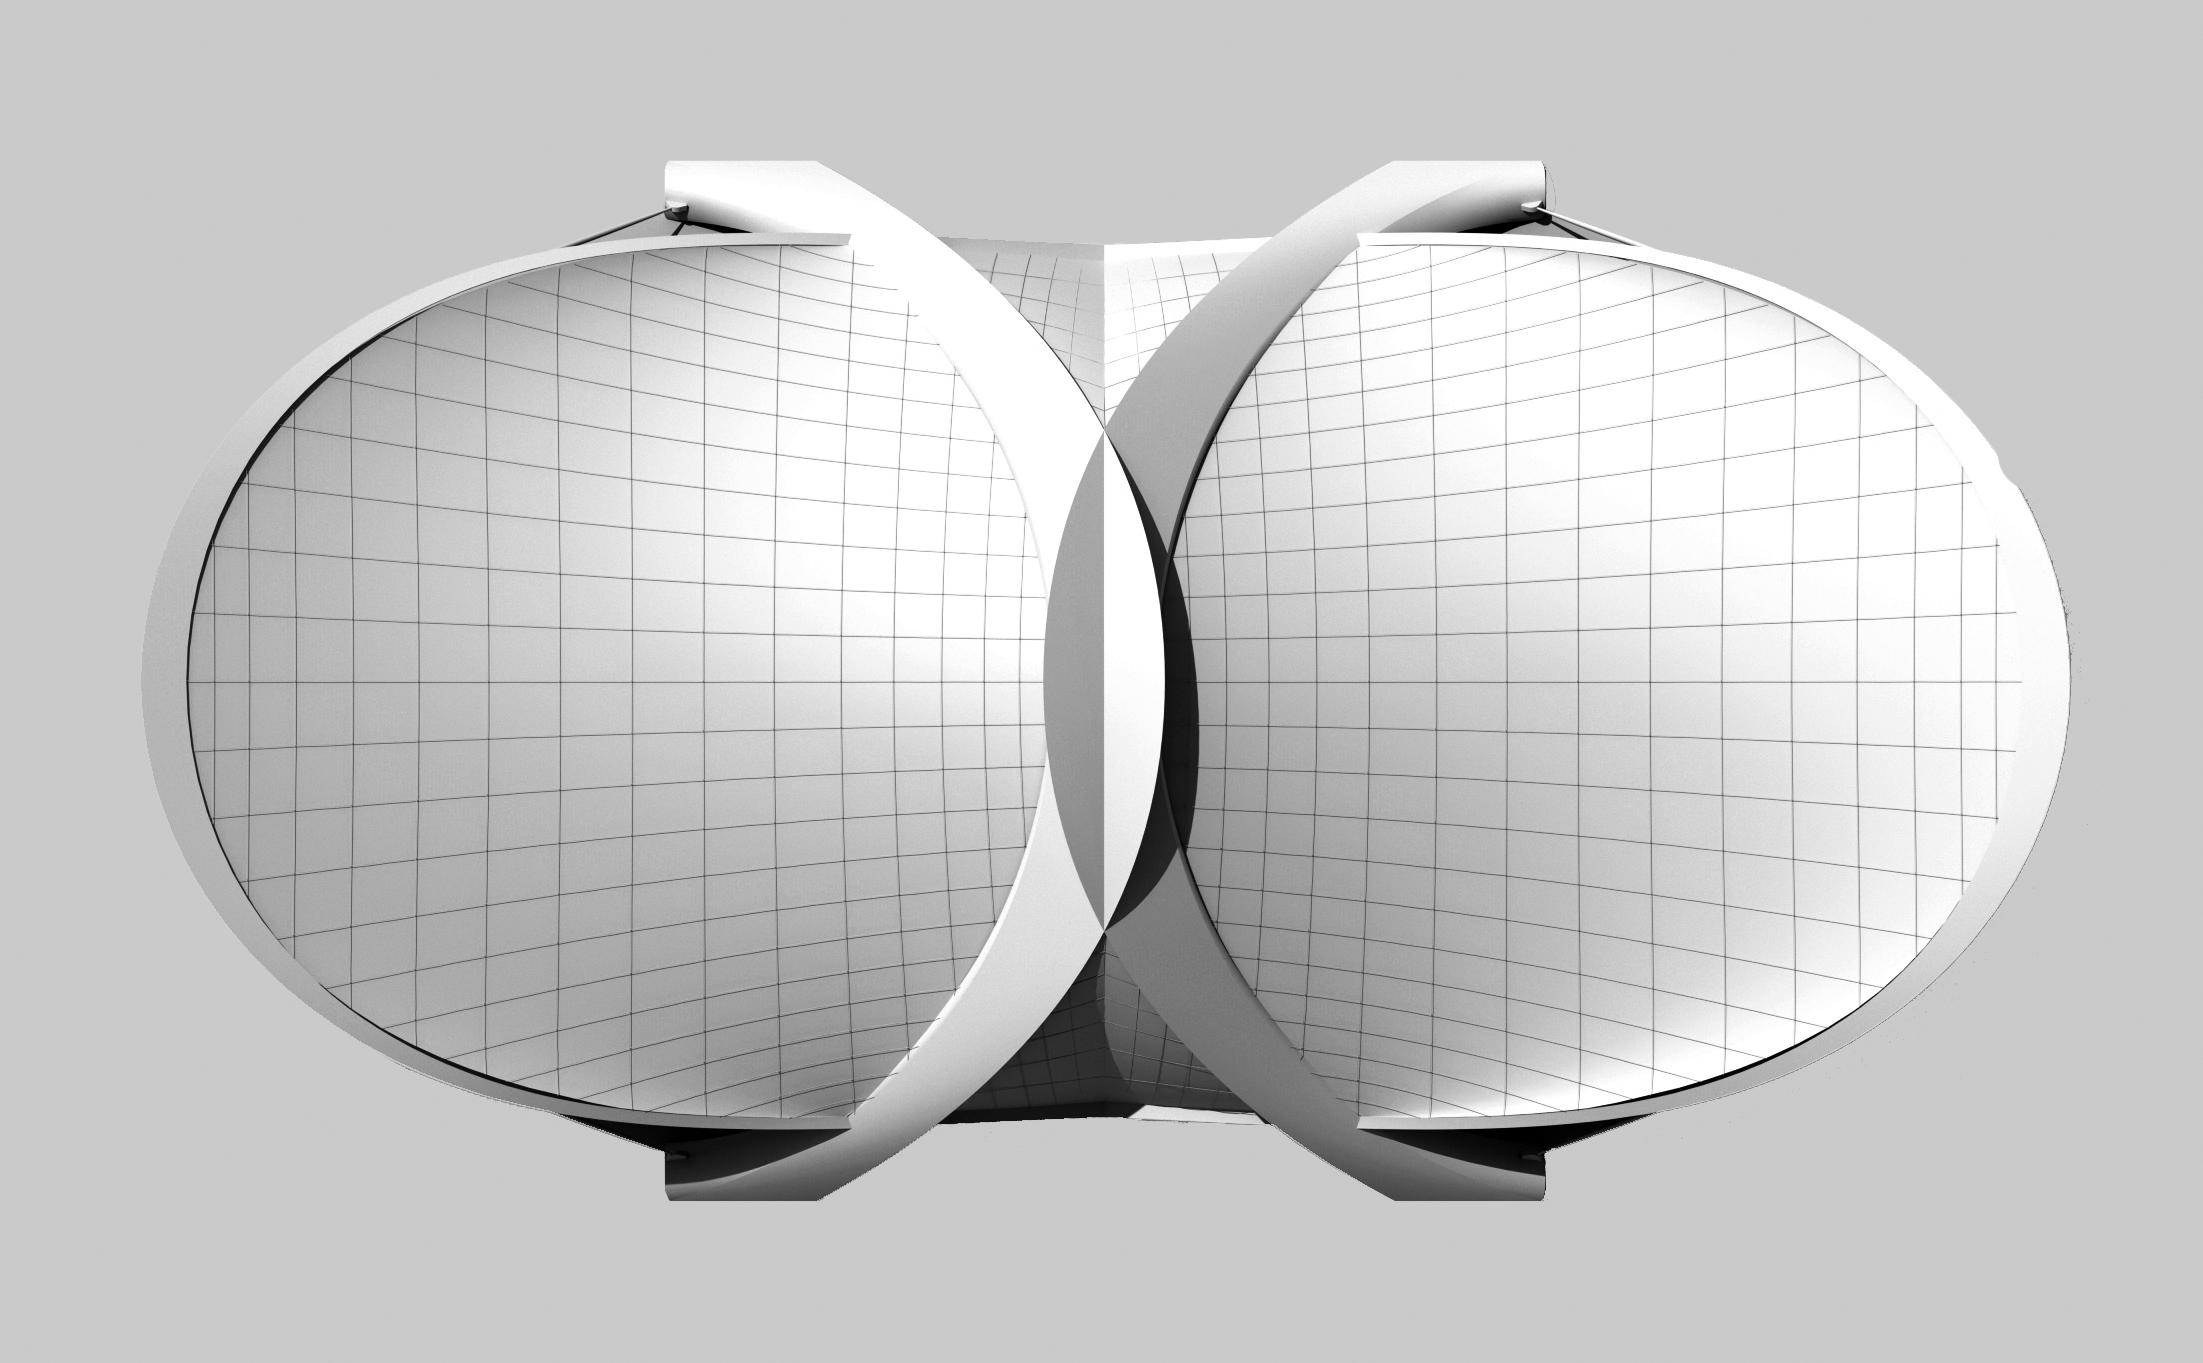 Flexible Konstruktion - Zwei faltbare Membrandächern mit einer Fläche von je 82 x 82 Metern sind an vier vorgespannten, großen Bögen befestigt. Bei hohen Windgeschwindigkeiten oder Sandstürmen wird das Dach eingezogen.